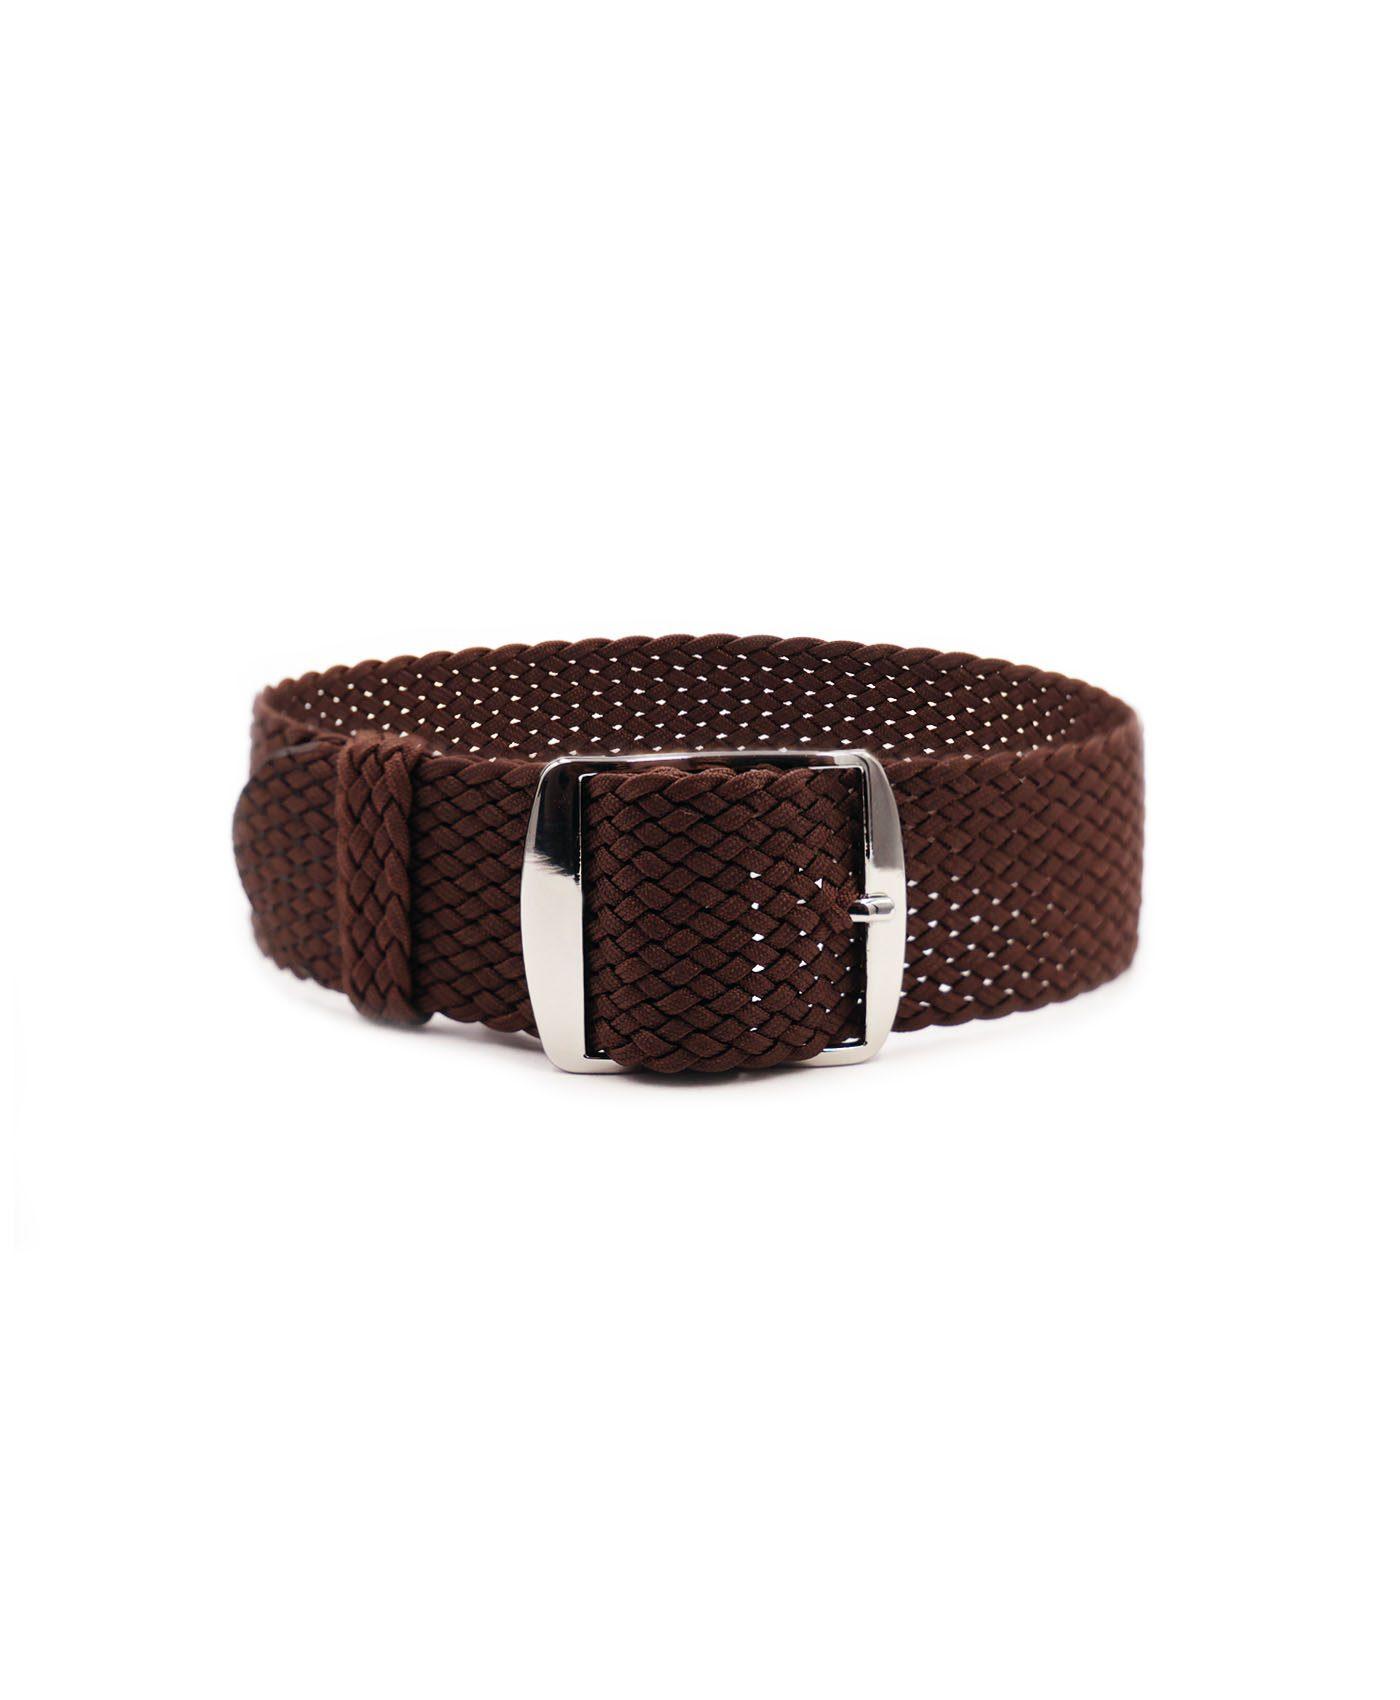 Watchbandit Premium Perlon Watch strap brown